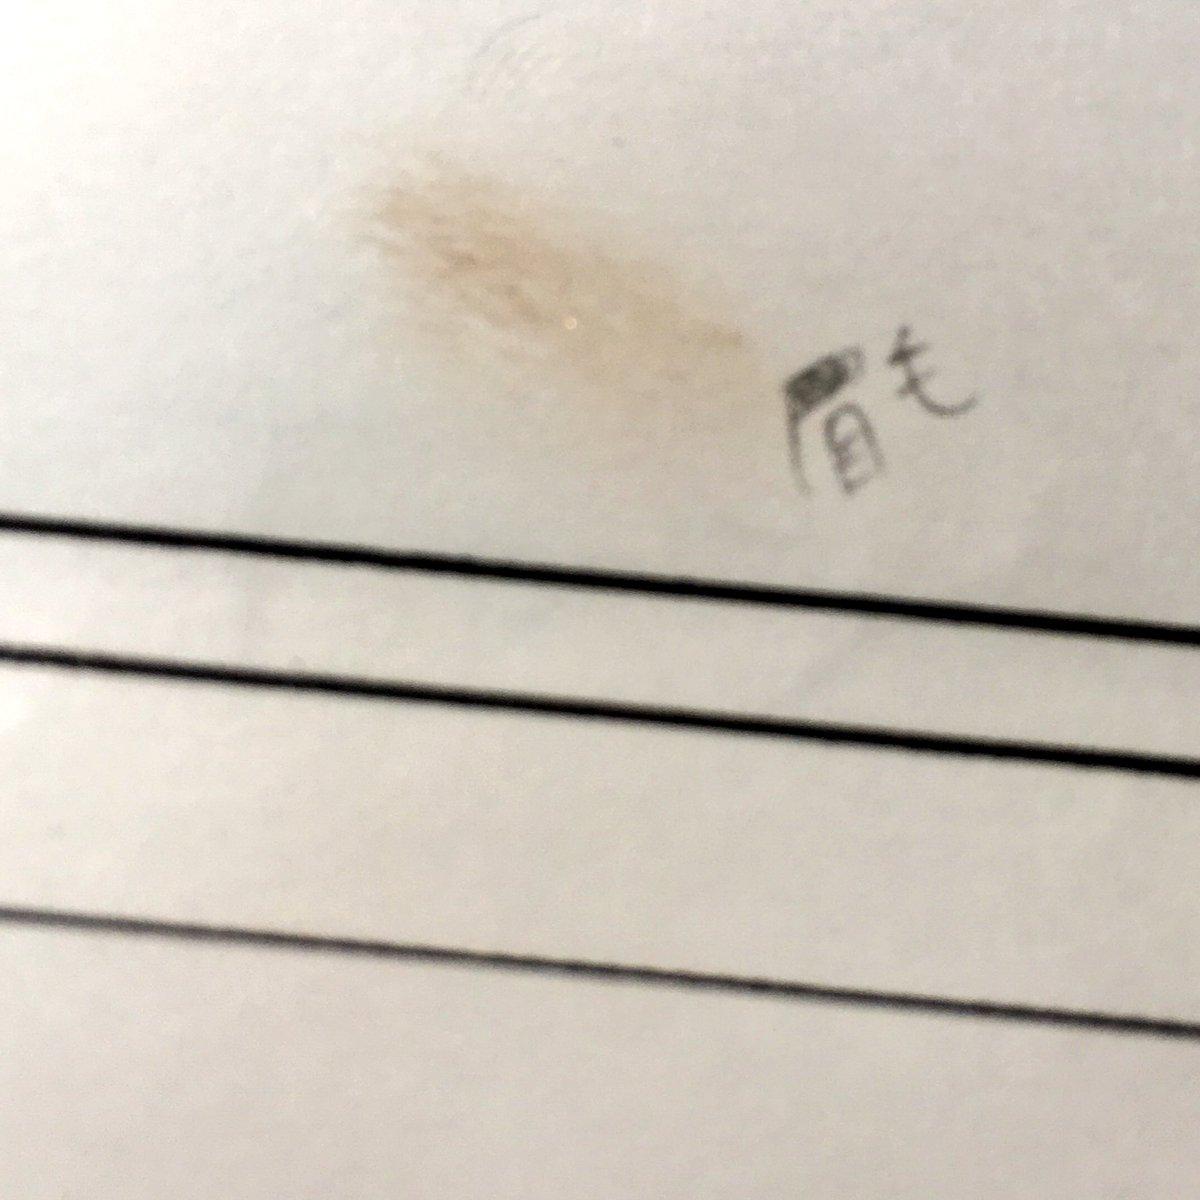 紙を敷いて突っ伏したら眉毛がついた提出用紙(眉の字を間違えている)